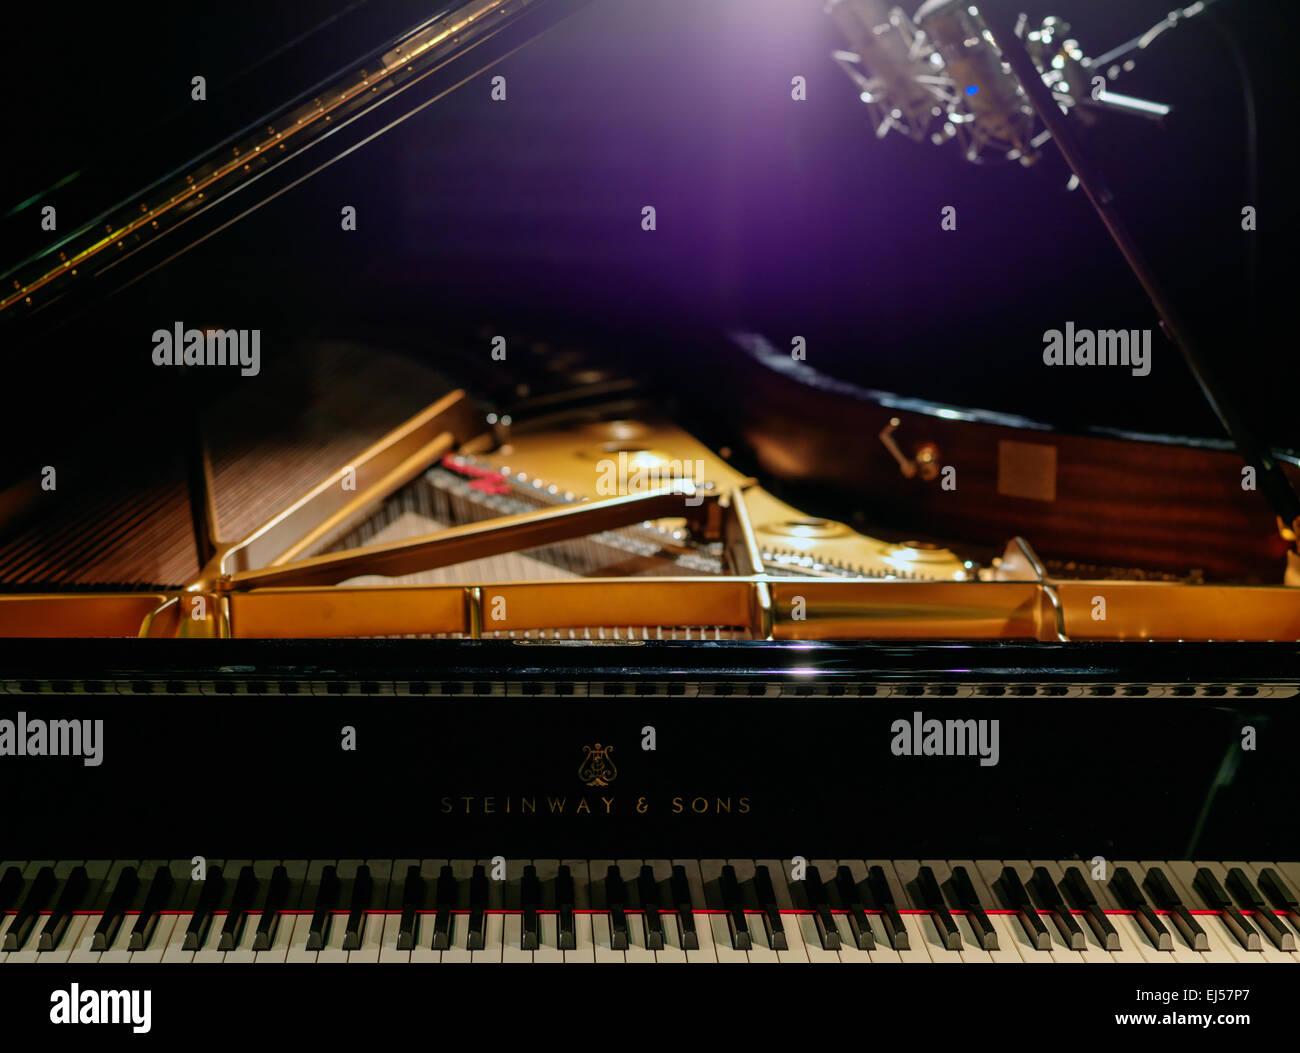 Steinway Grand D (Hamburg) Konzertflügel während der Aufnahme-Session. Zwei Neumann d-01 digitale Mikrofone. Stockfoto